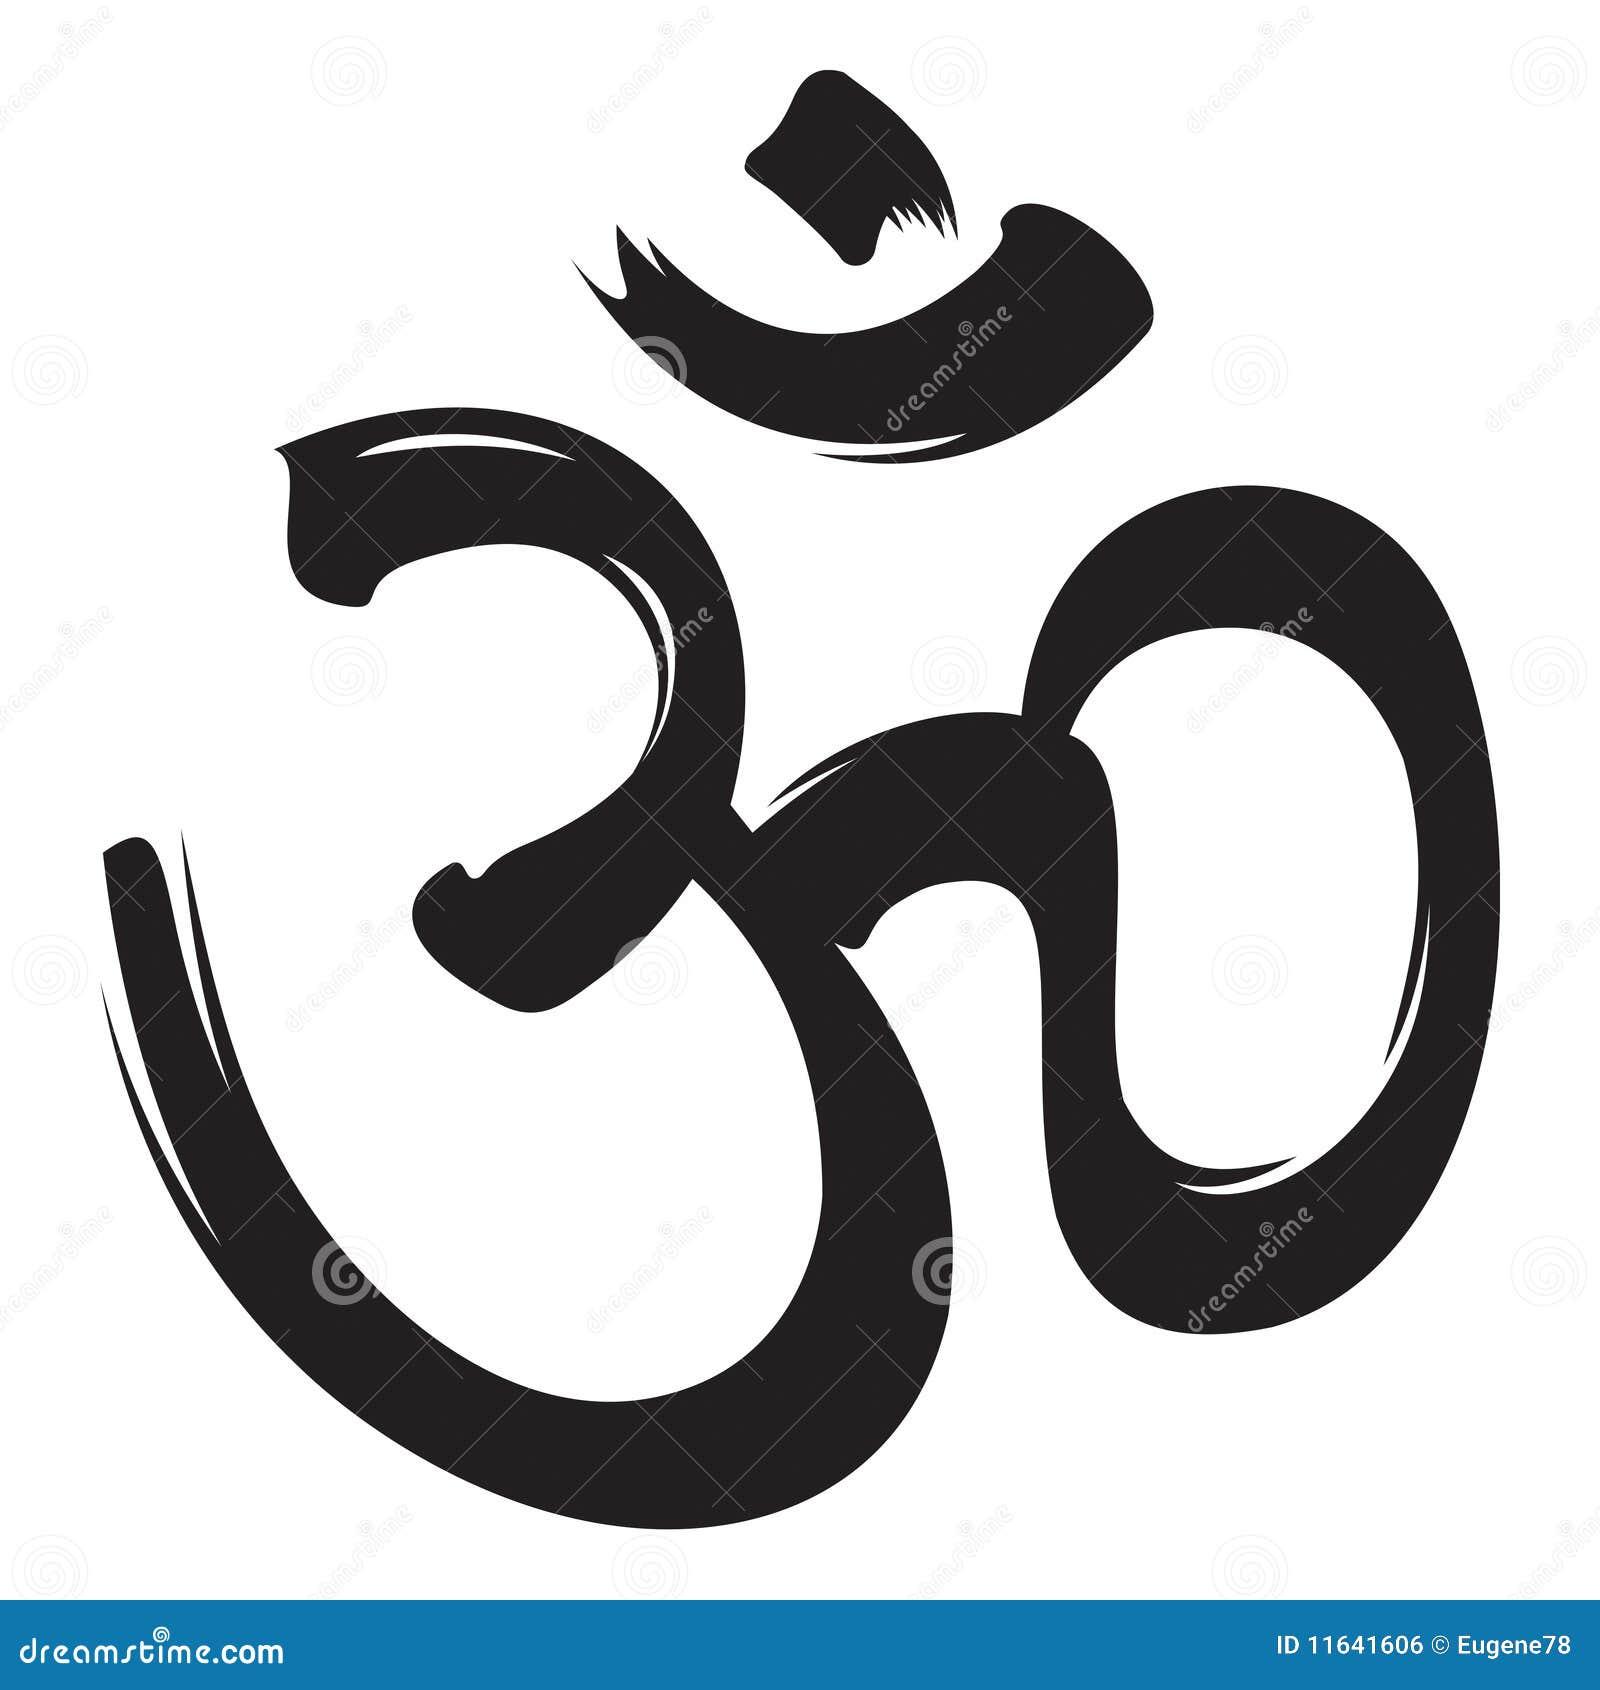 hindu symbols of peace - 576×576